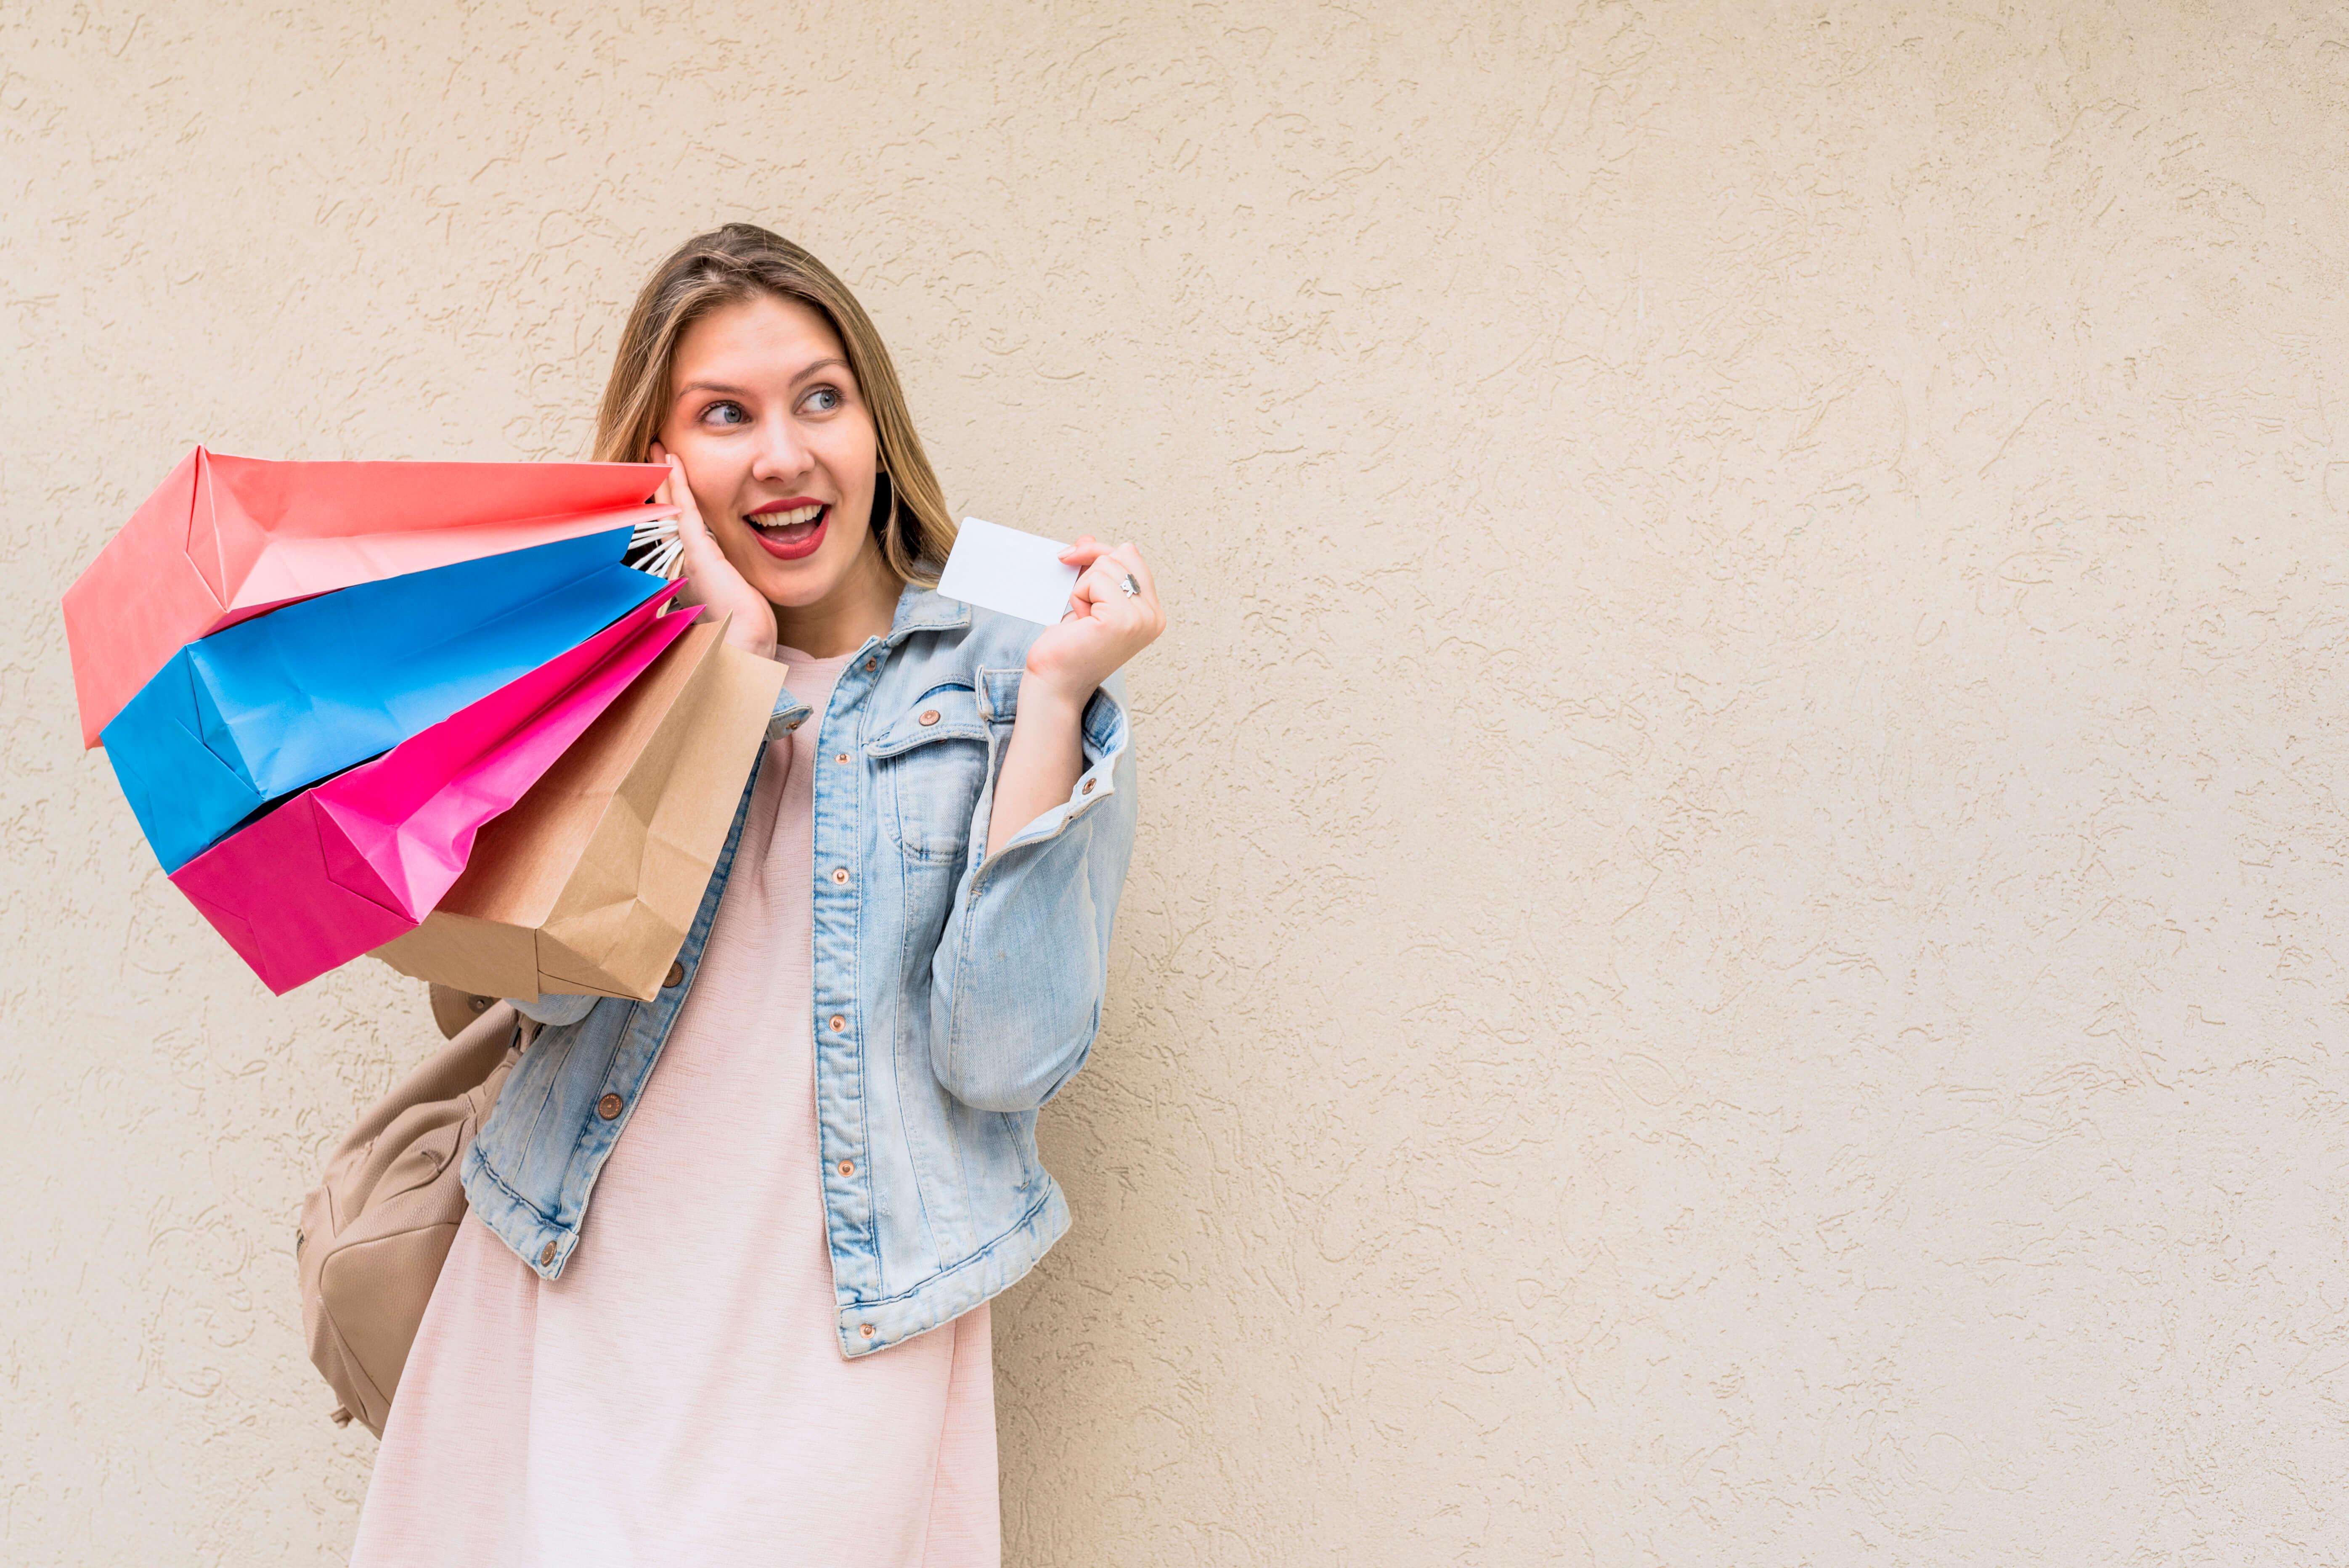 Como organizar uma loja de roupas na troca de coleção - serviços